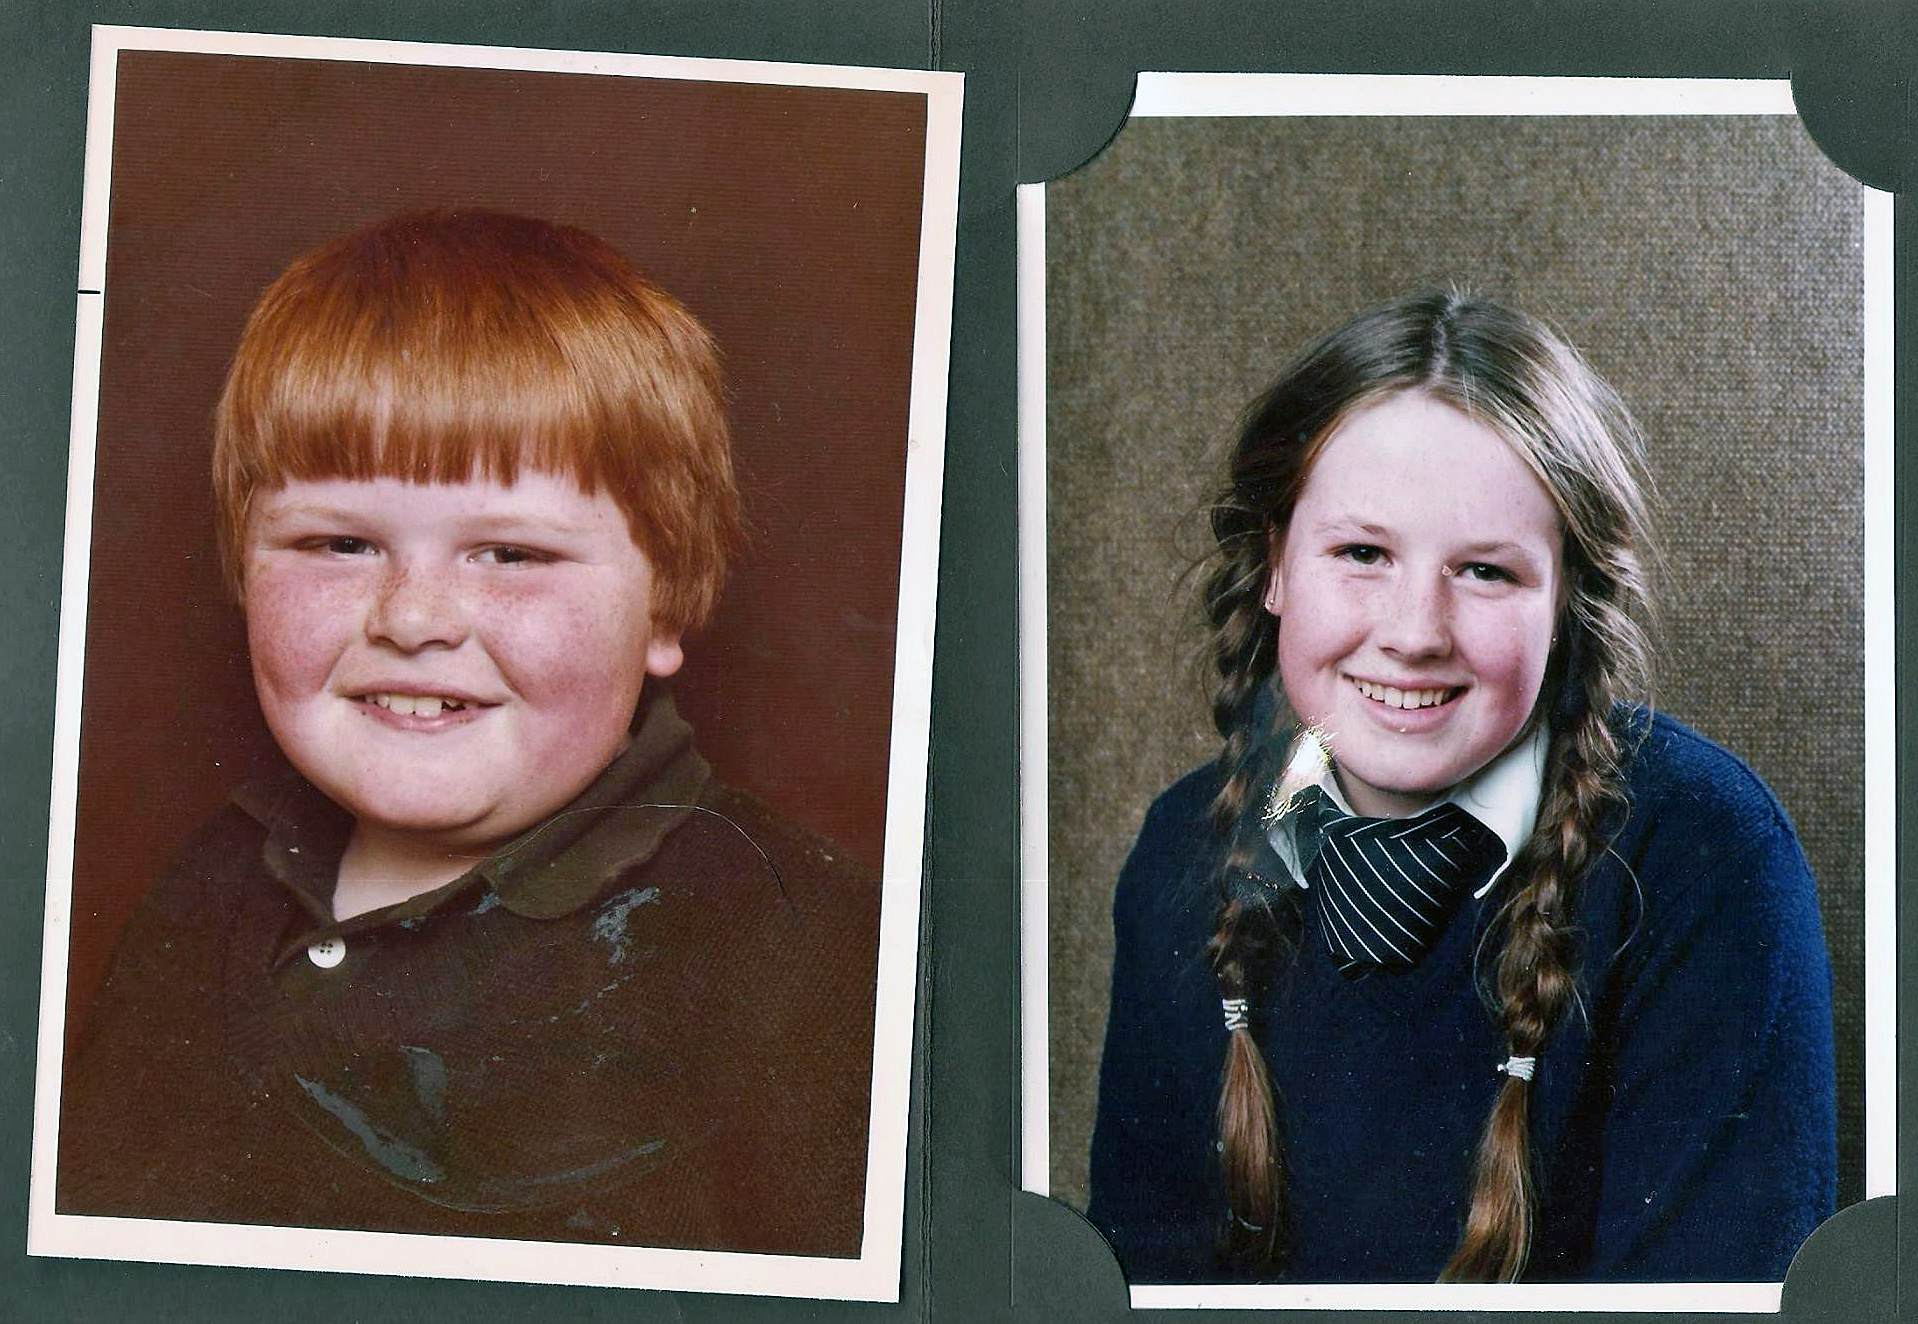 Mark y Jackie Harrison, de niños